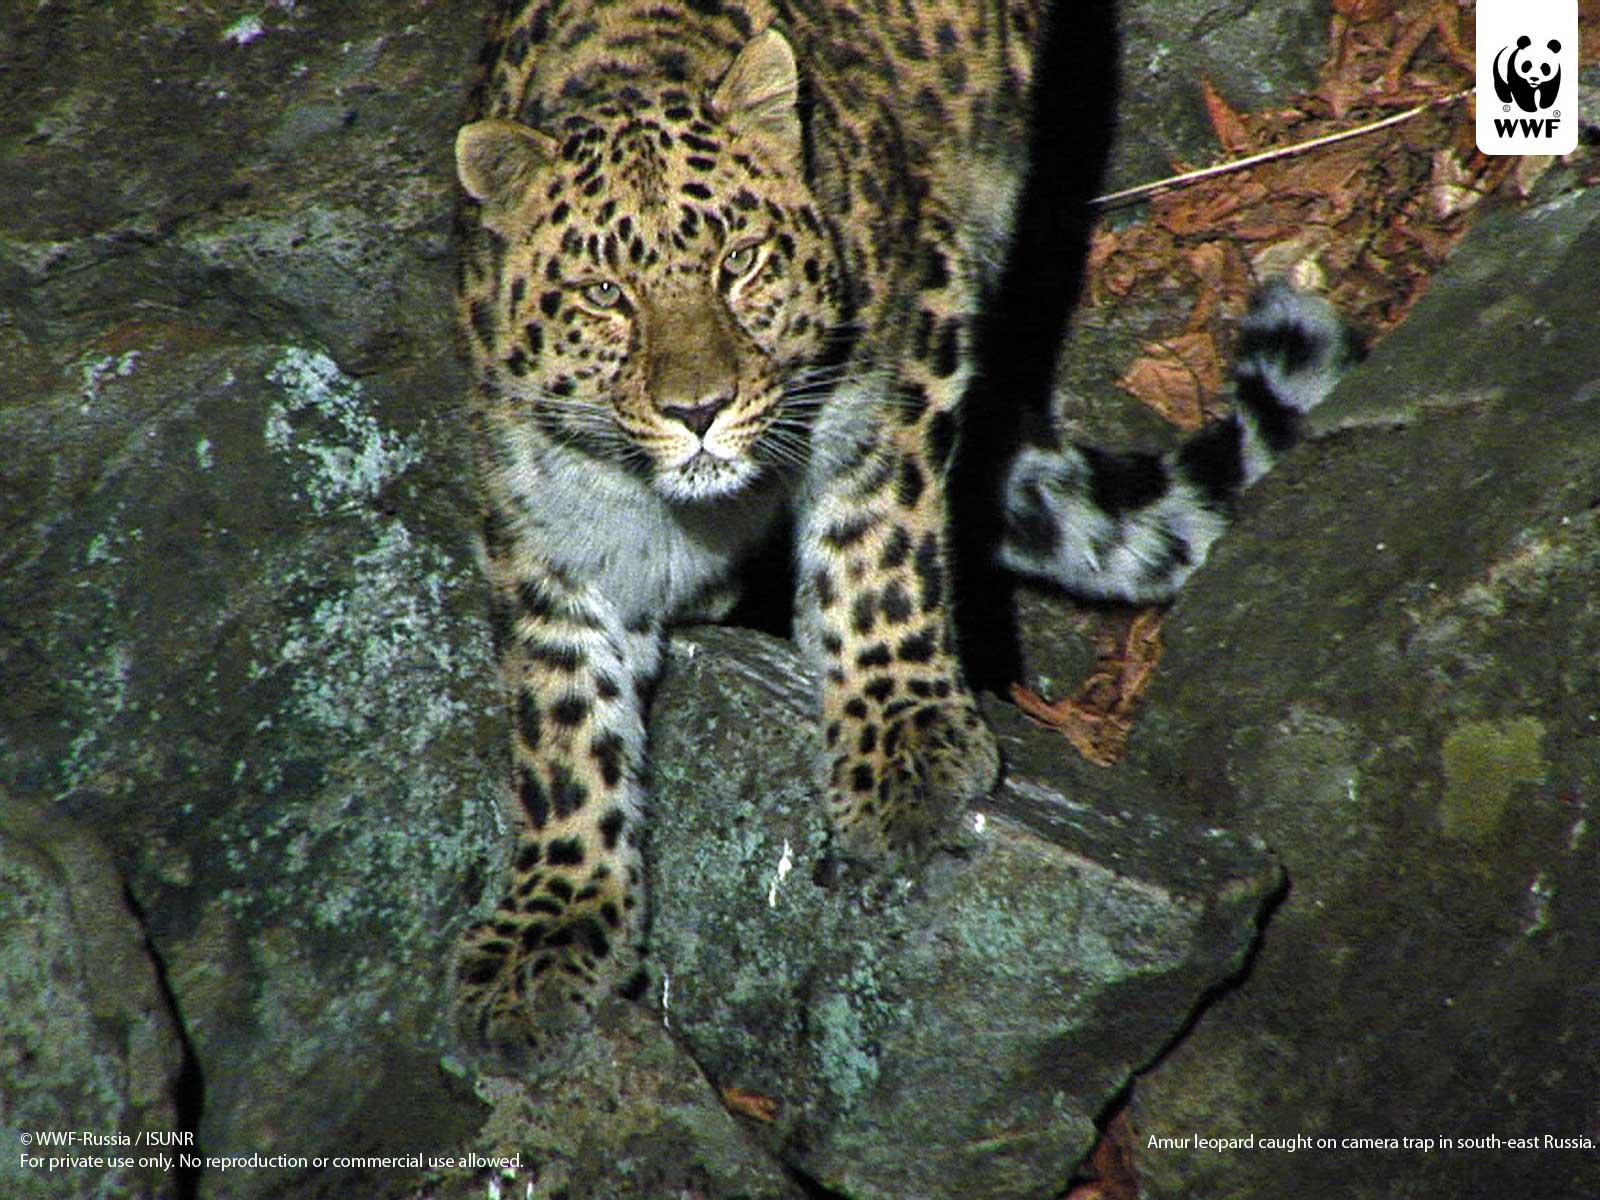 amur leopard | wwf